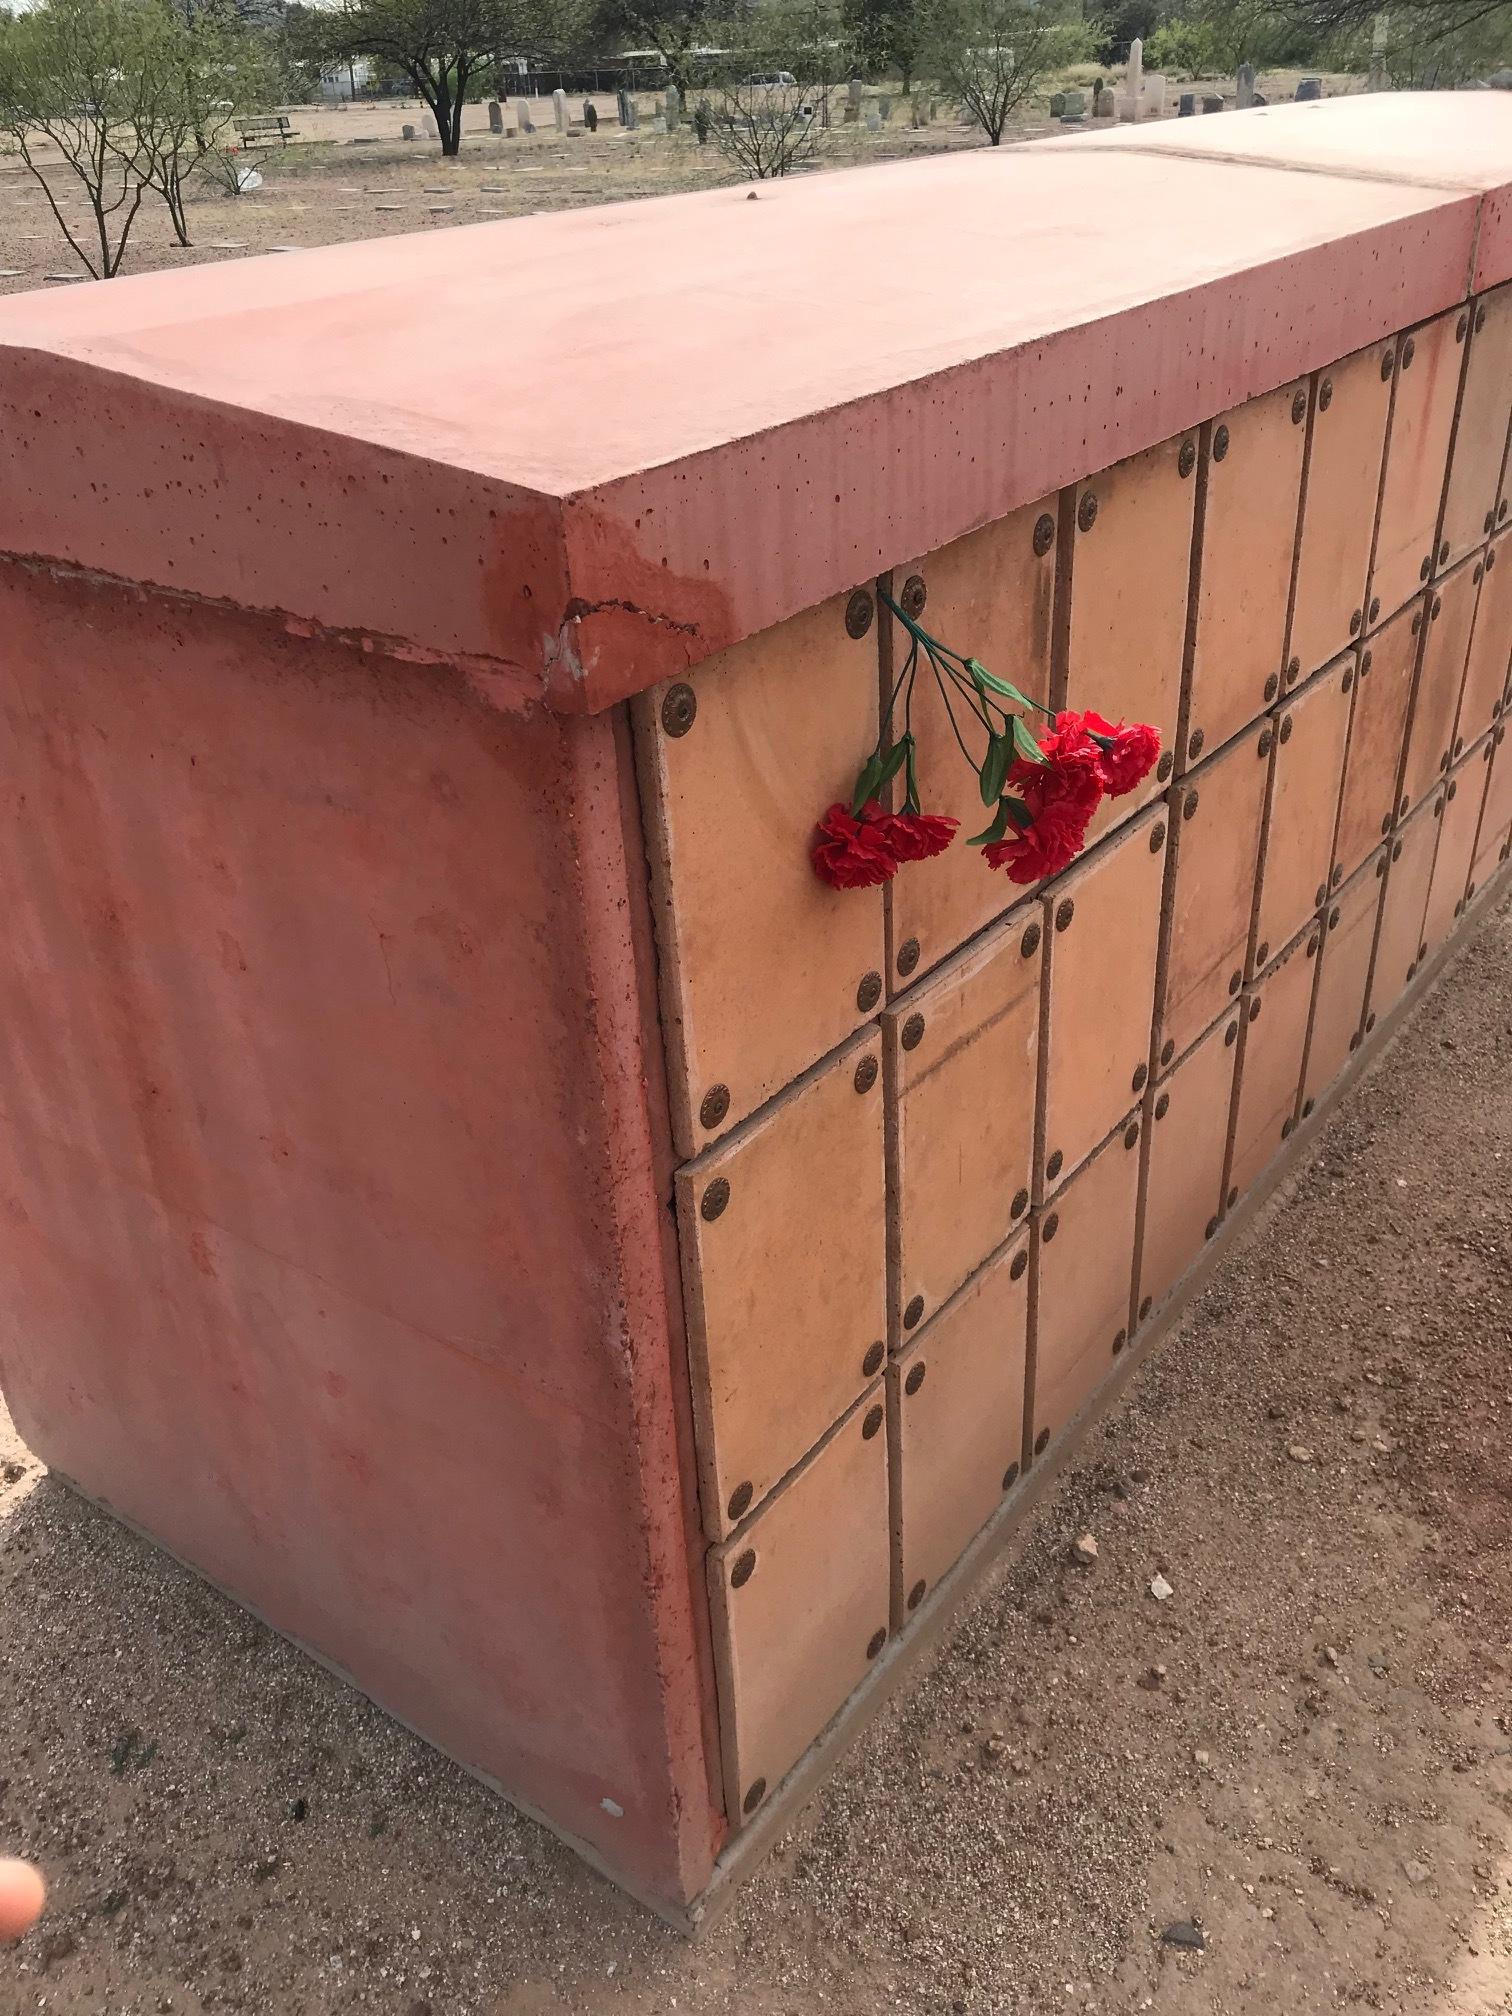 Border Trilogy Part 3: What Remains